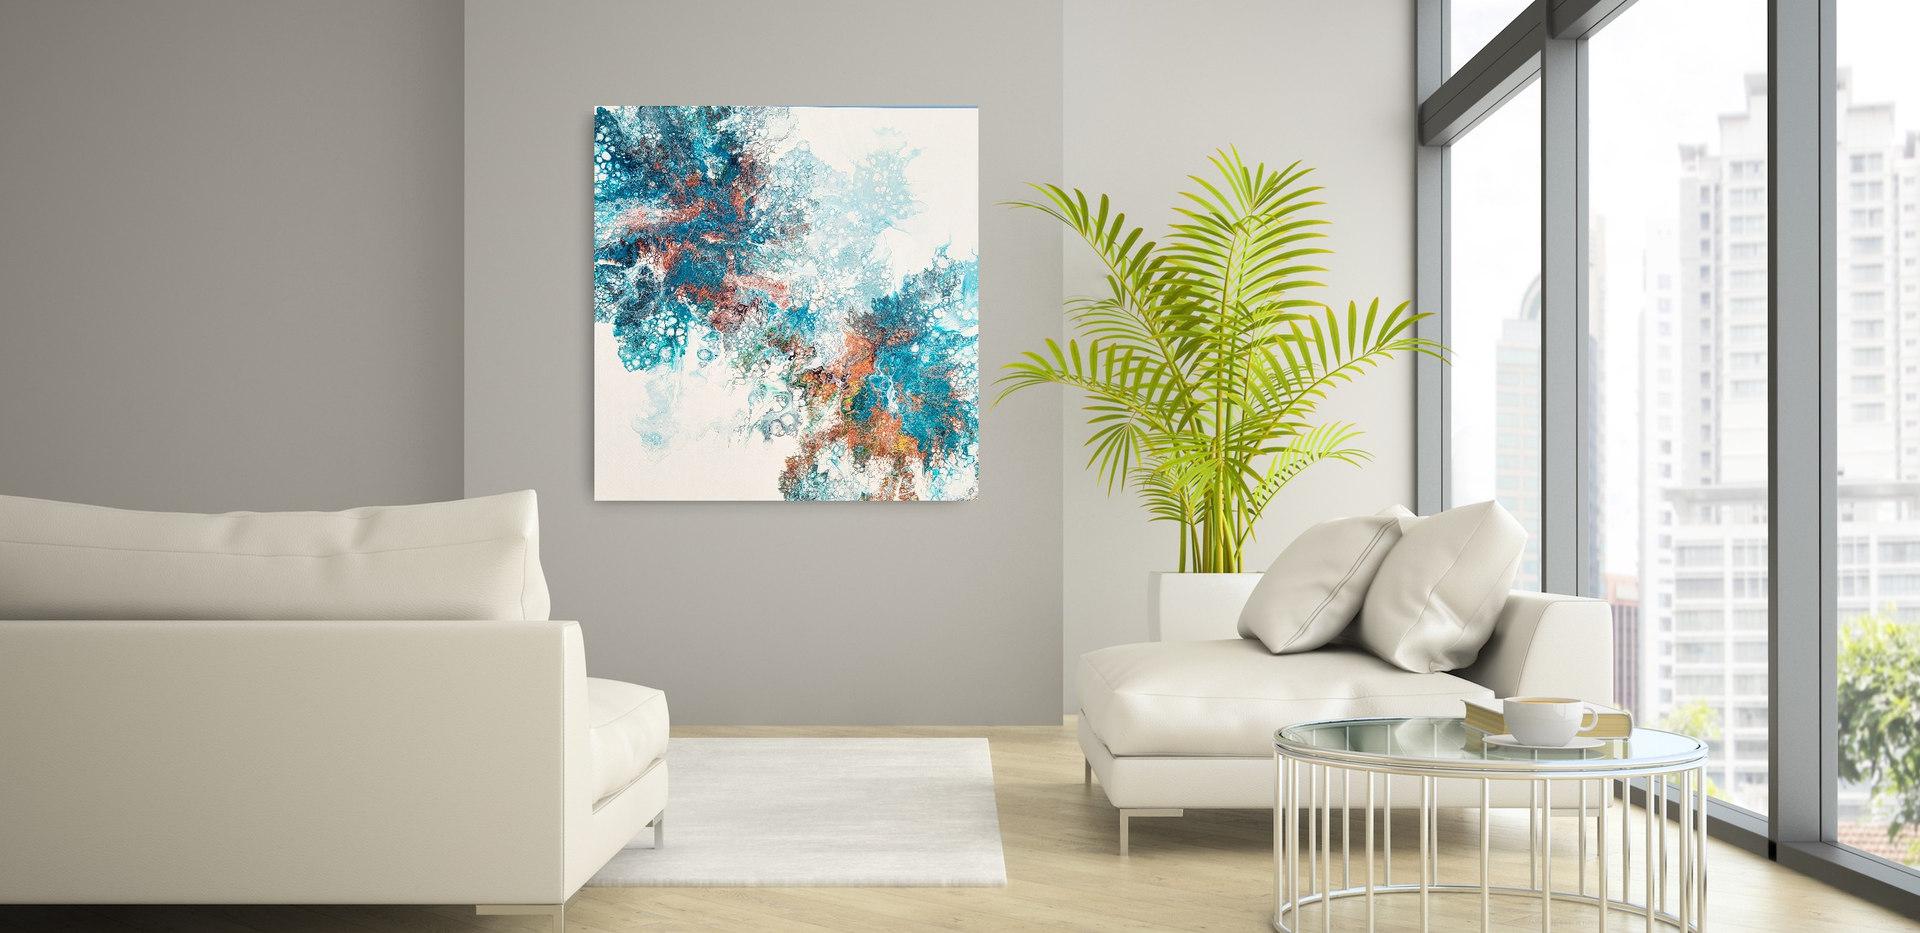 Artrooms20201026212615.jpg